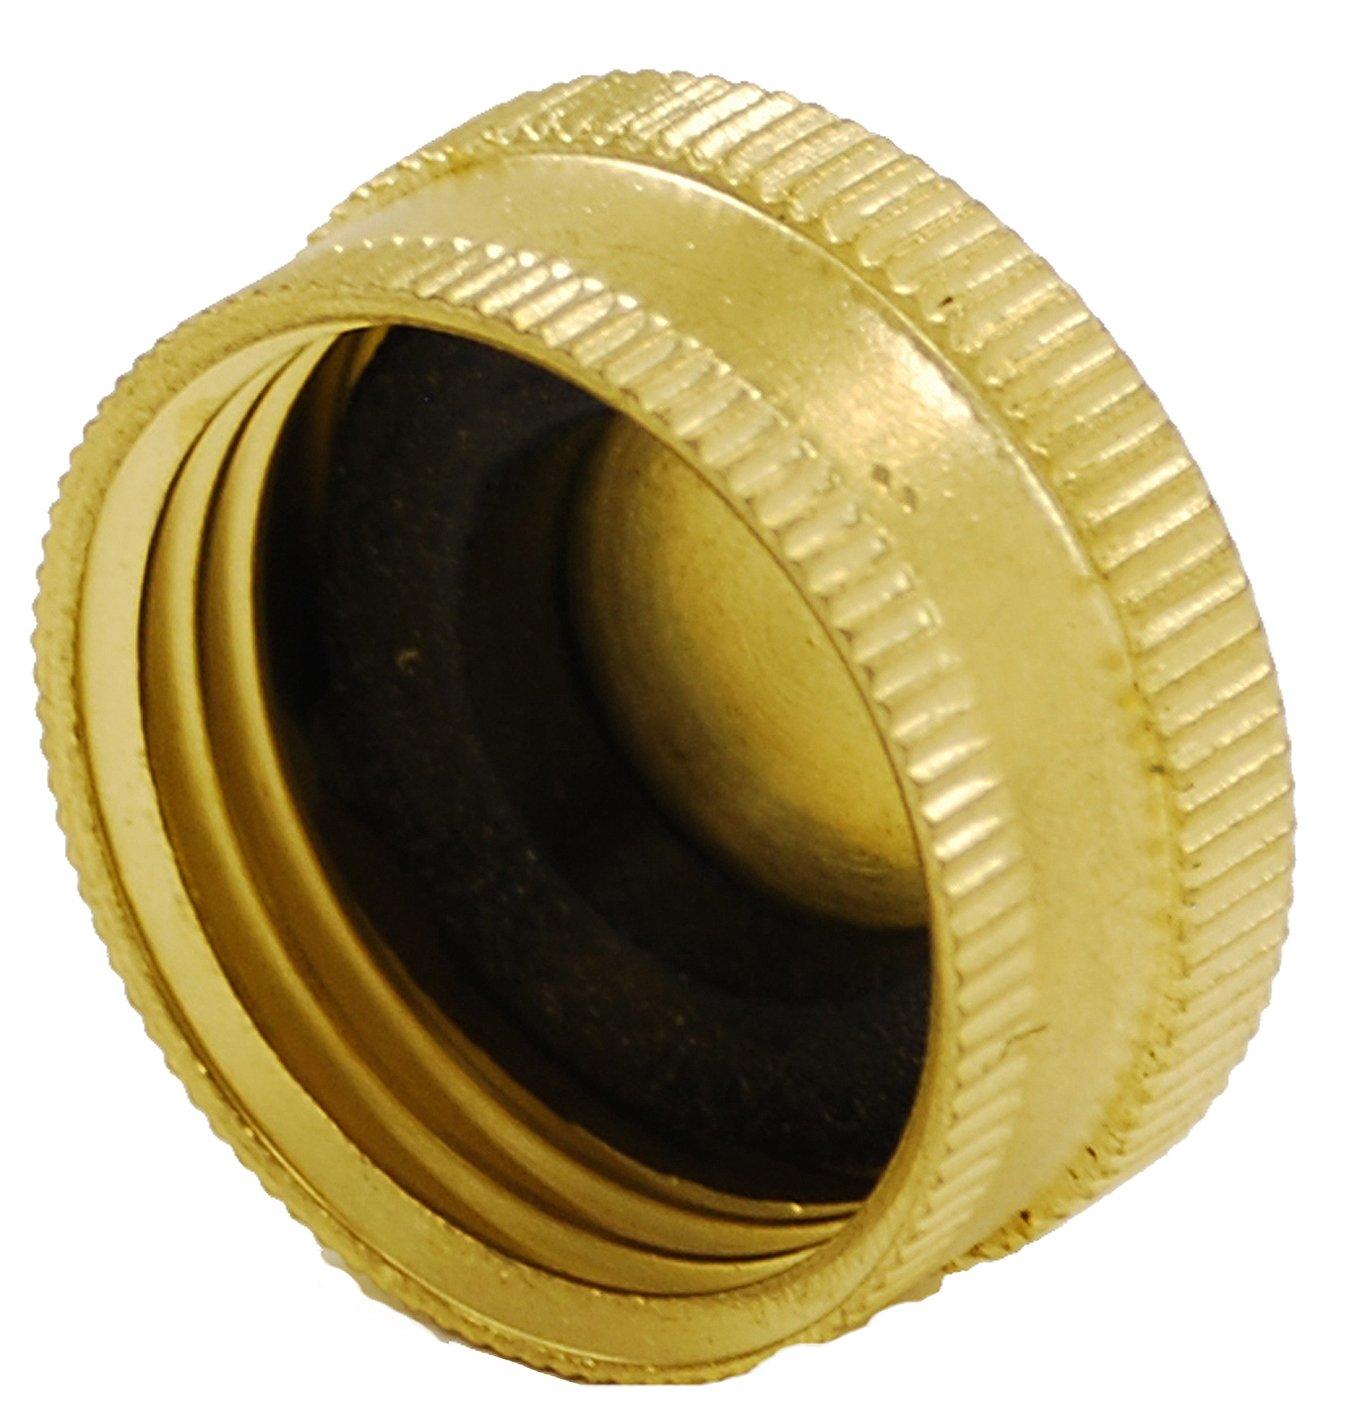 Amazon.com : Gilmour Brass Hose Caps 05HCC : Garden Hose Parts ...